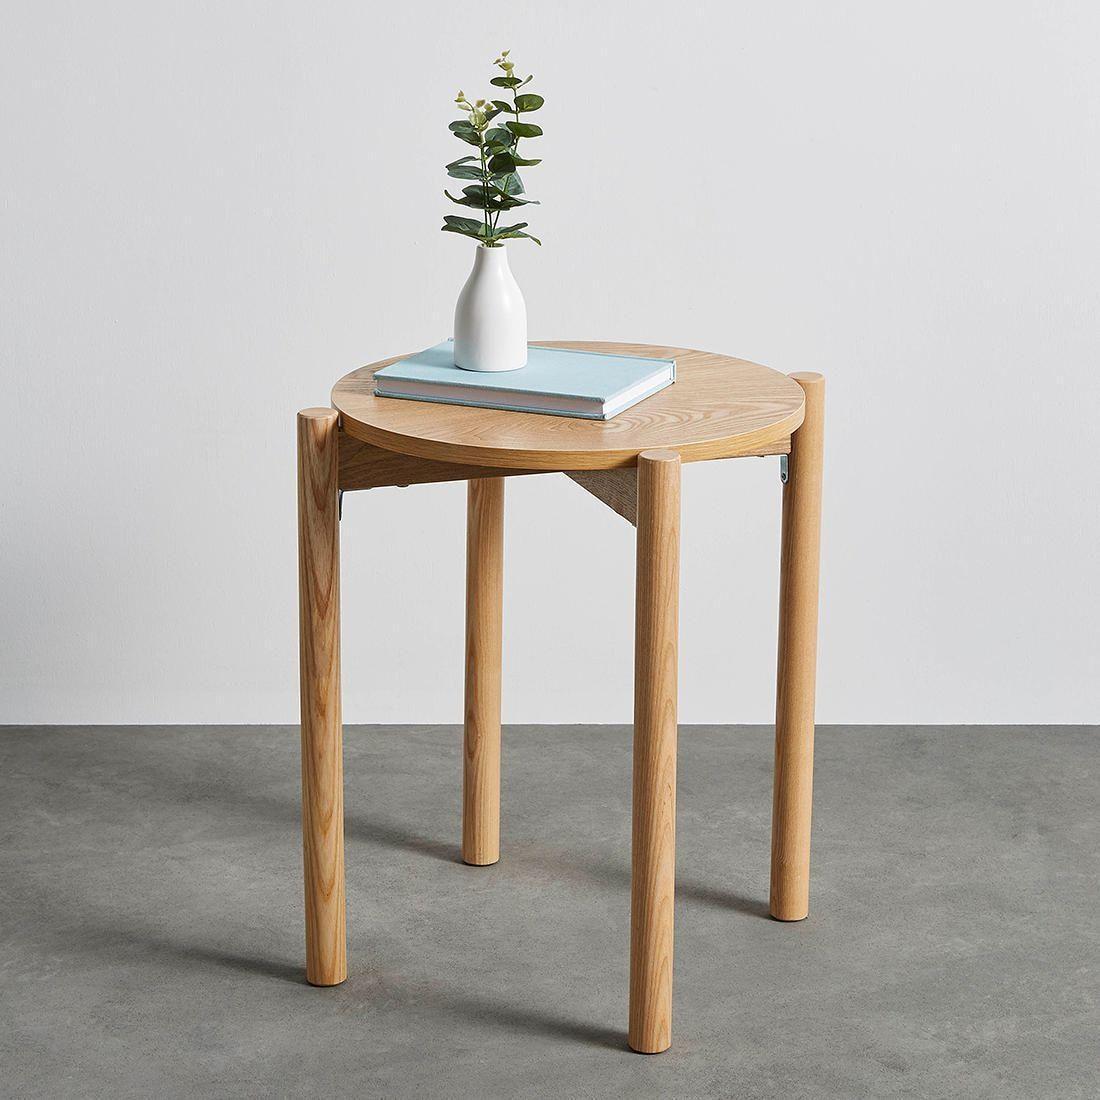 Maki Side Table Target Australia Round Wood Side Table Side Table Black Side Table [ 1100 x 1100 Pixel ]